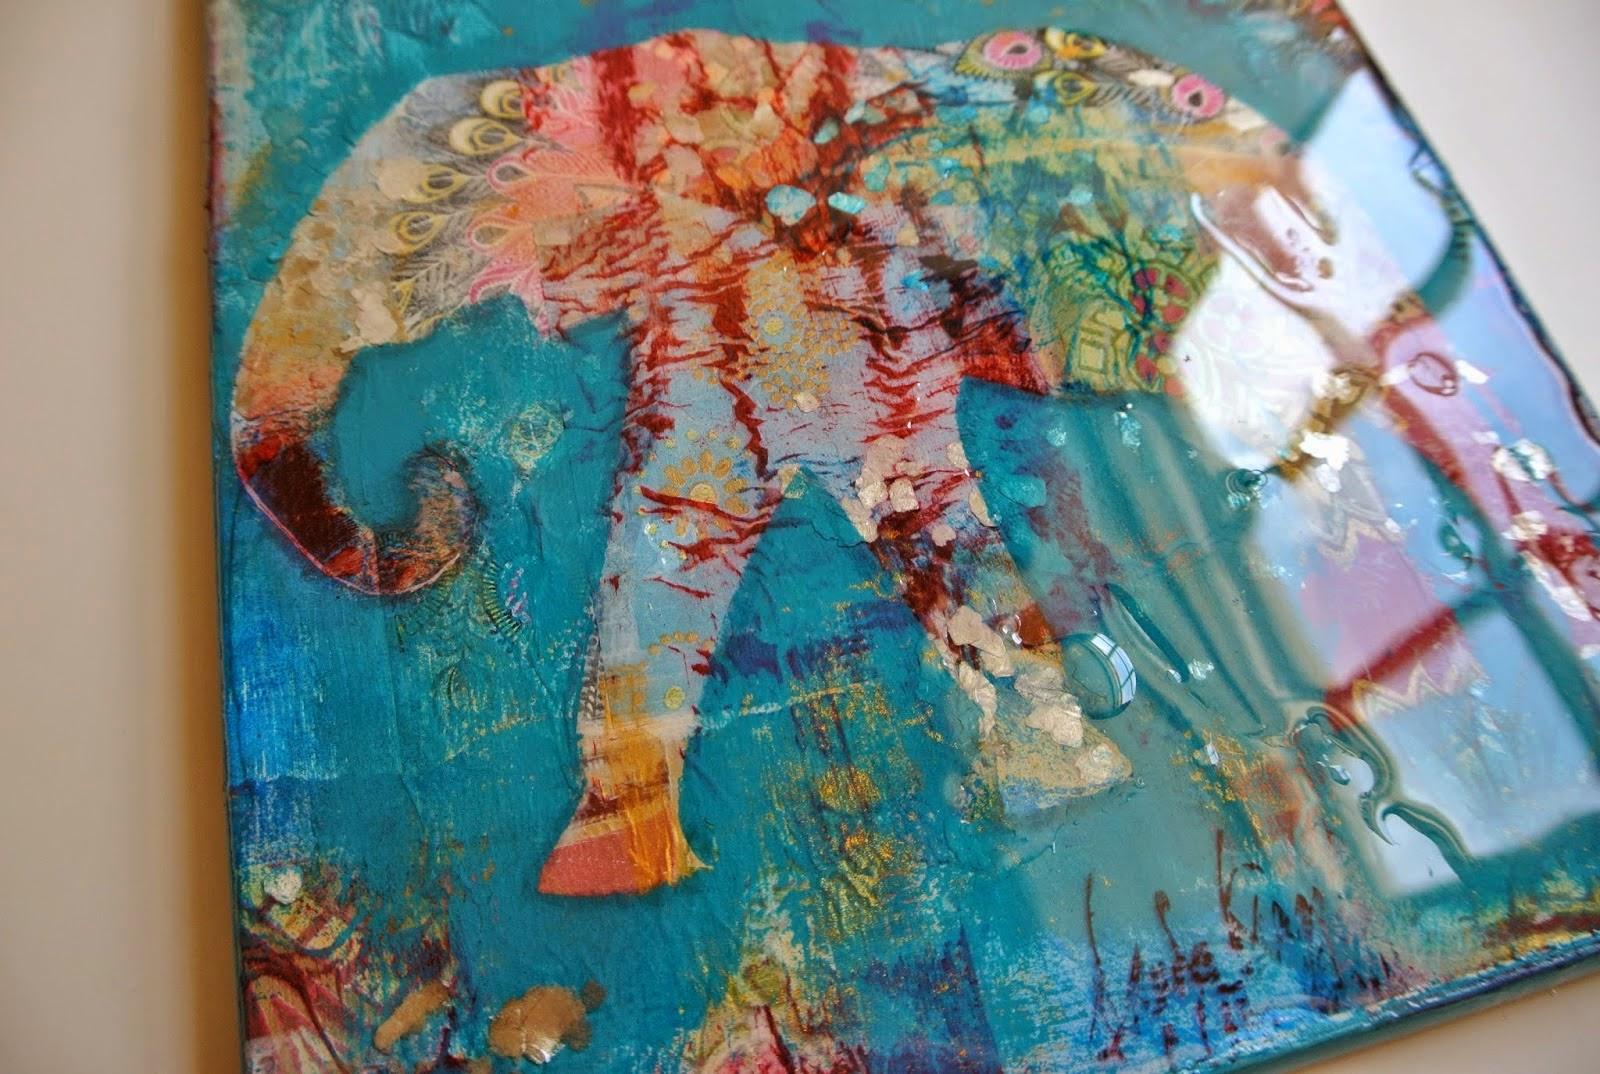 casting resin art